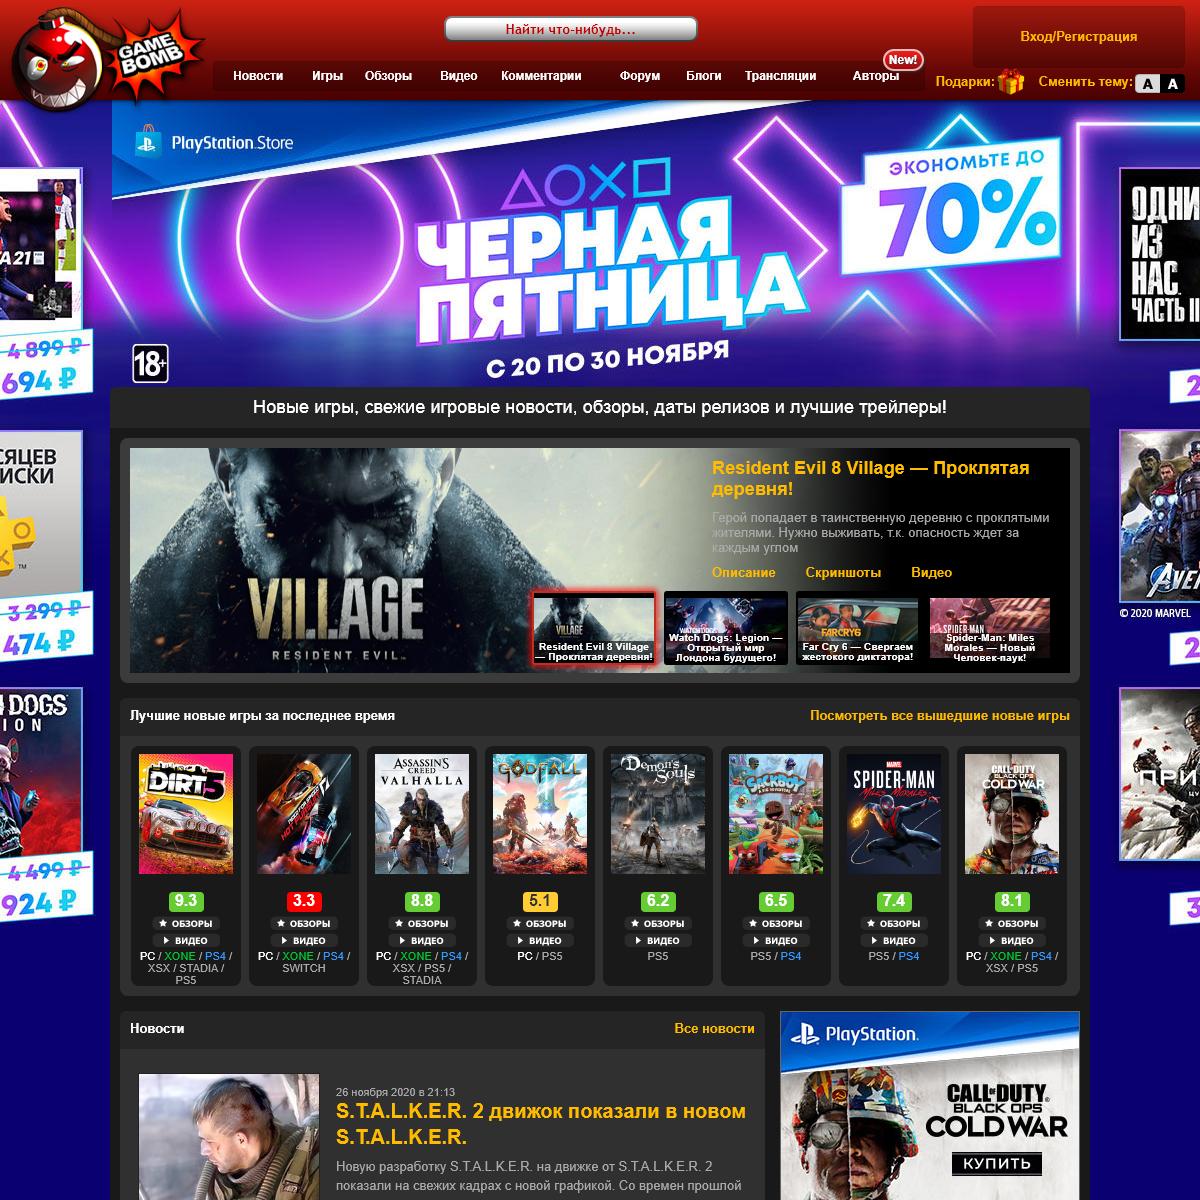 Gamebomb.ru — Новые игры, игровые новости, разгромные обзоры, лучшие игры, д